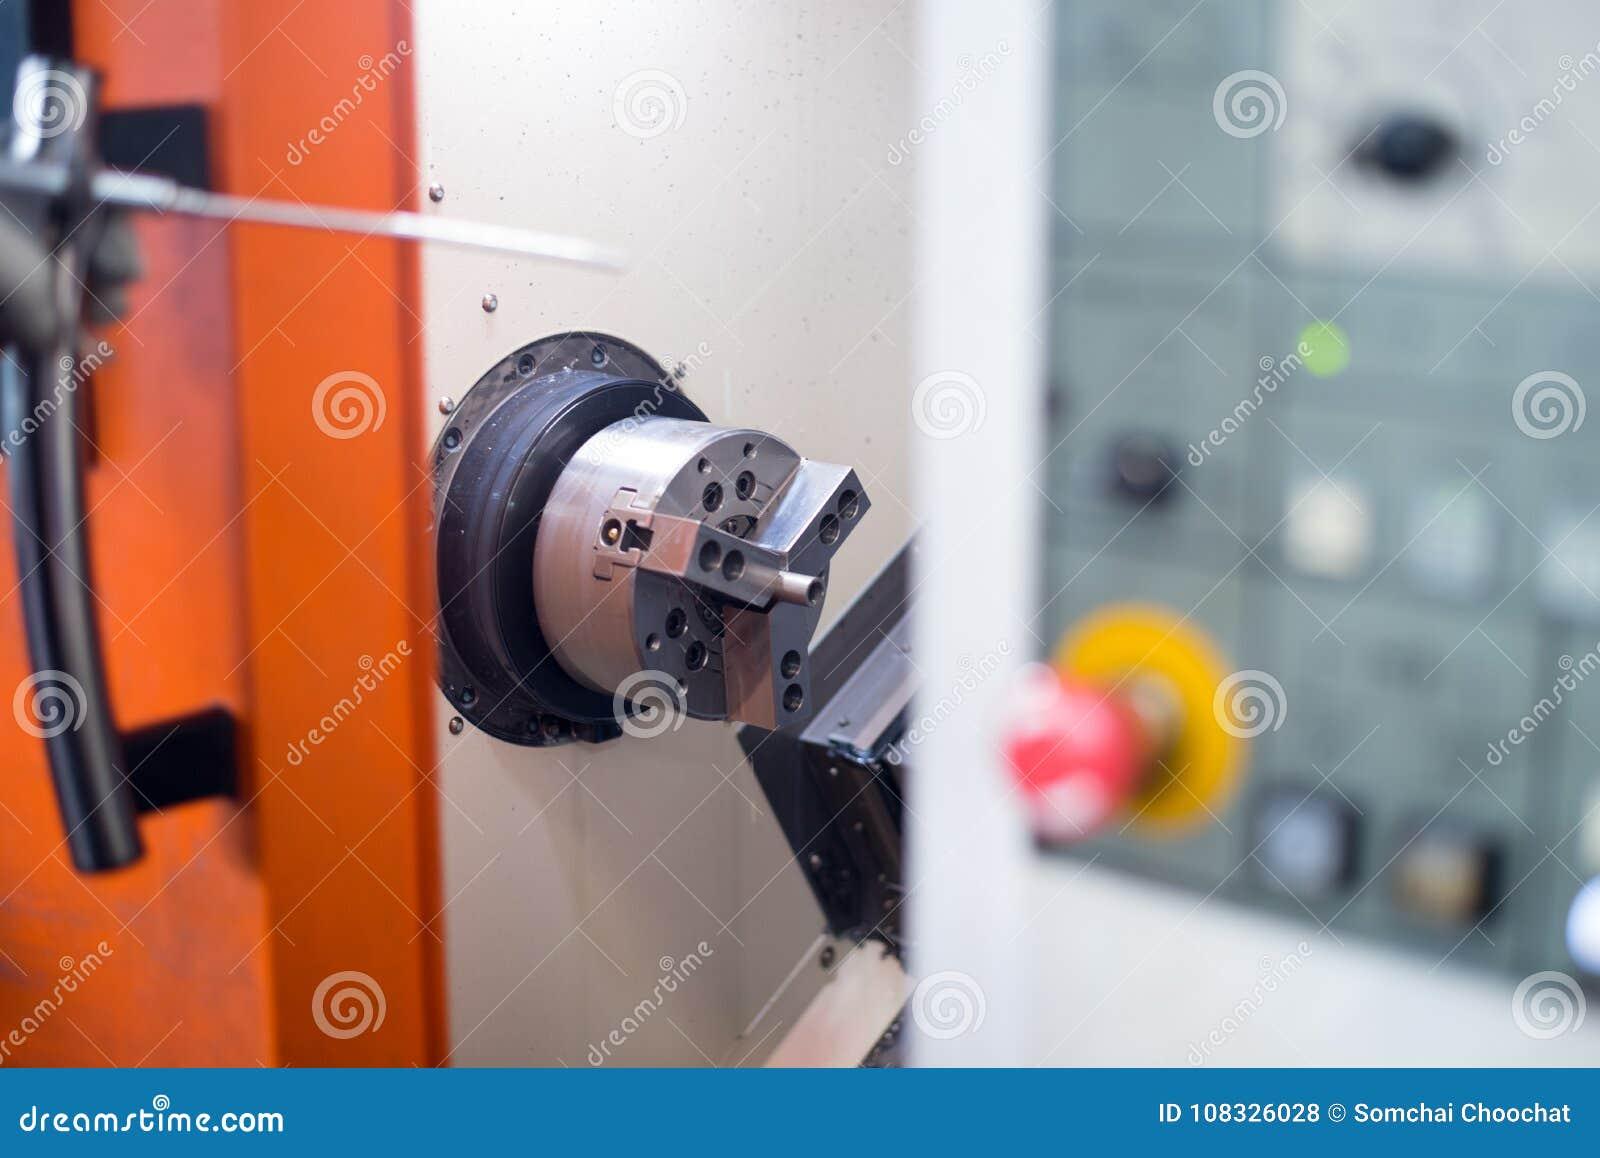 Torno do CNC no processo de manufatura